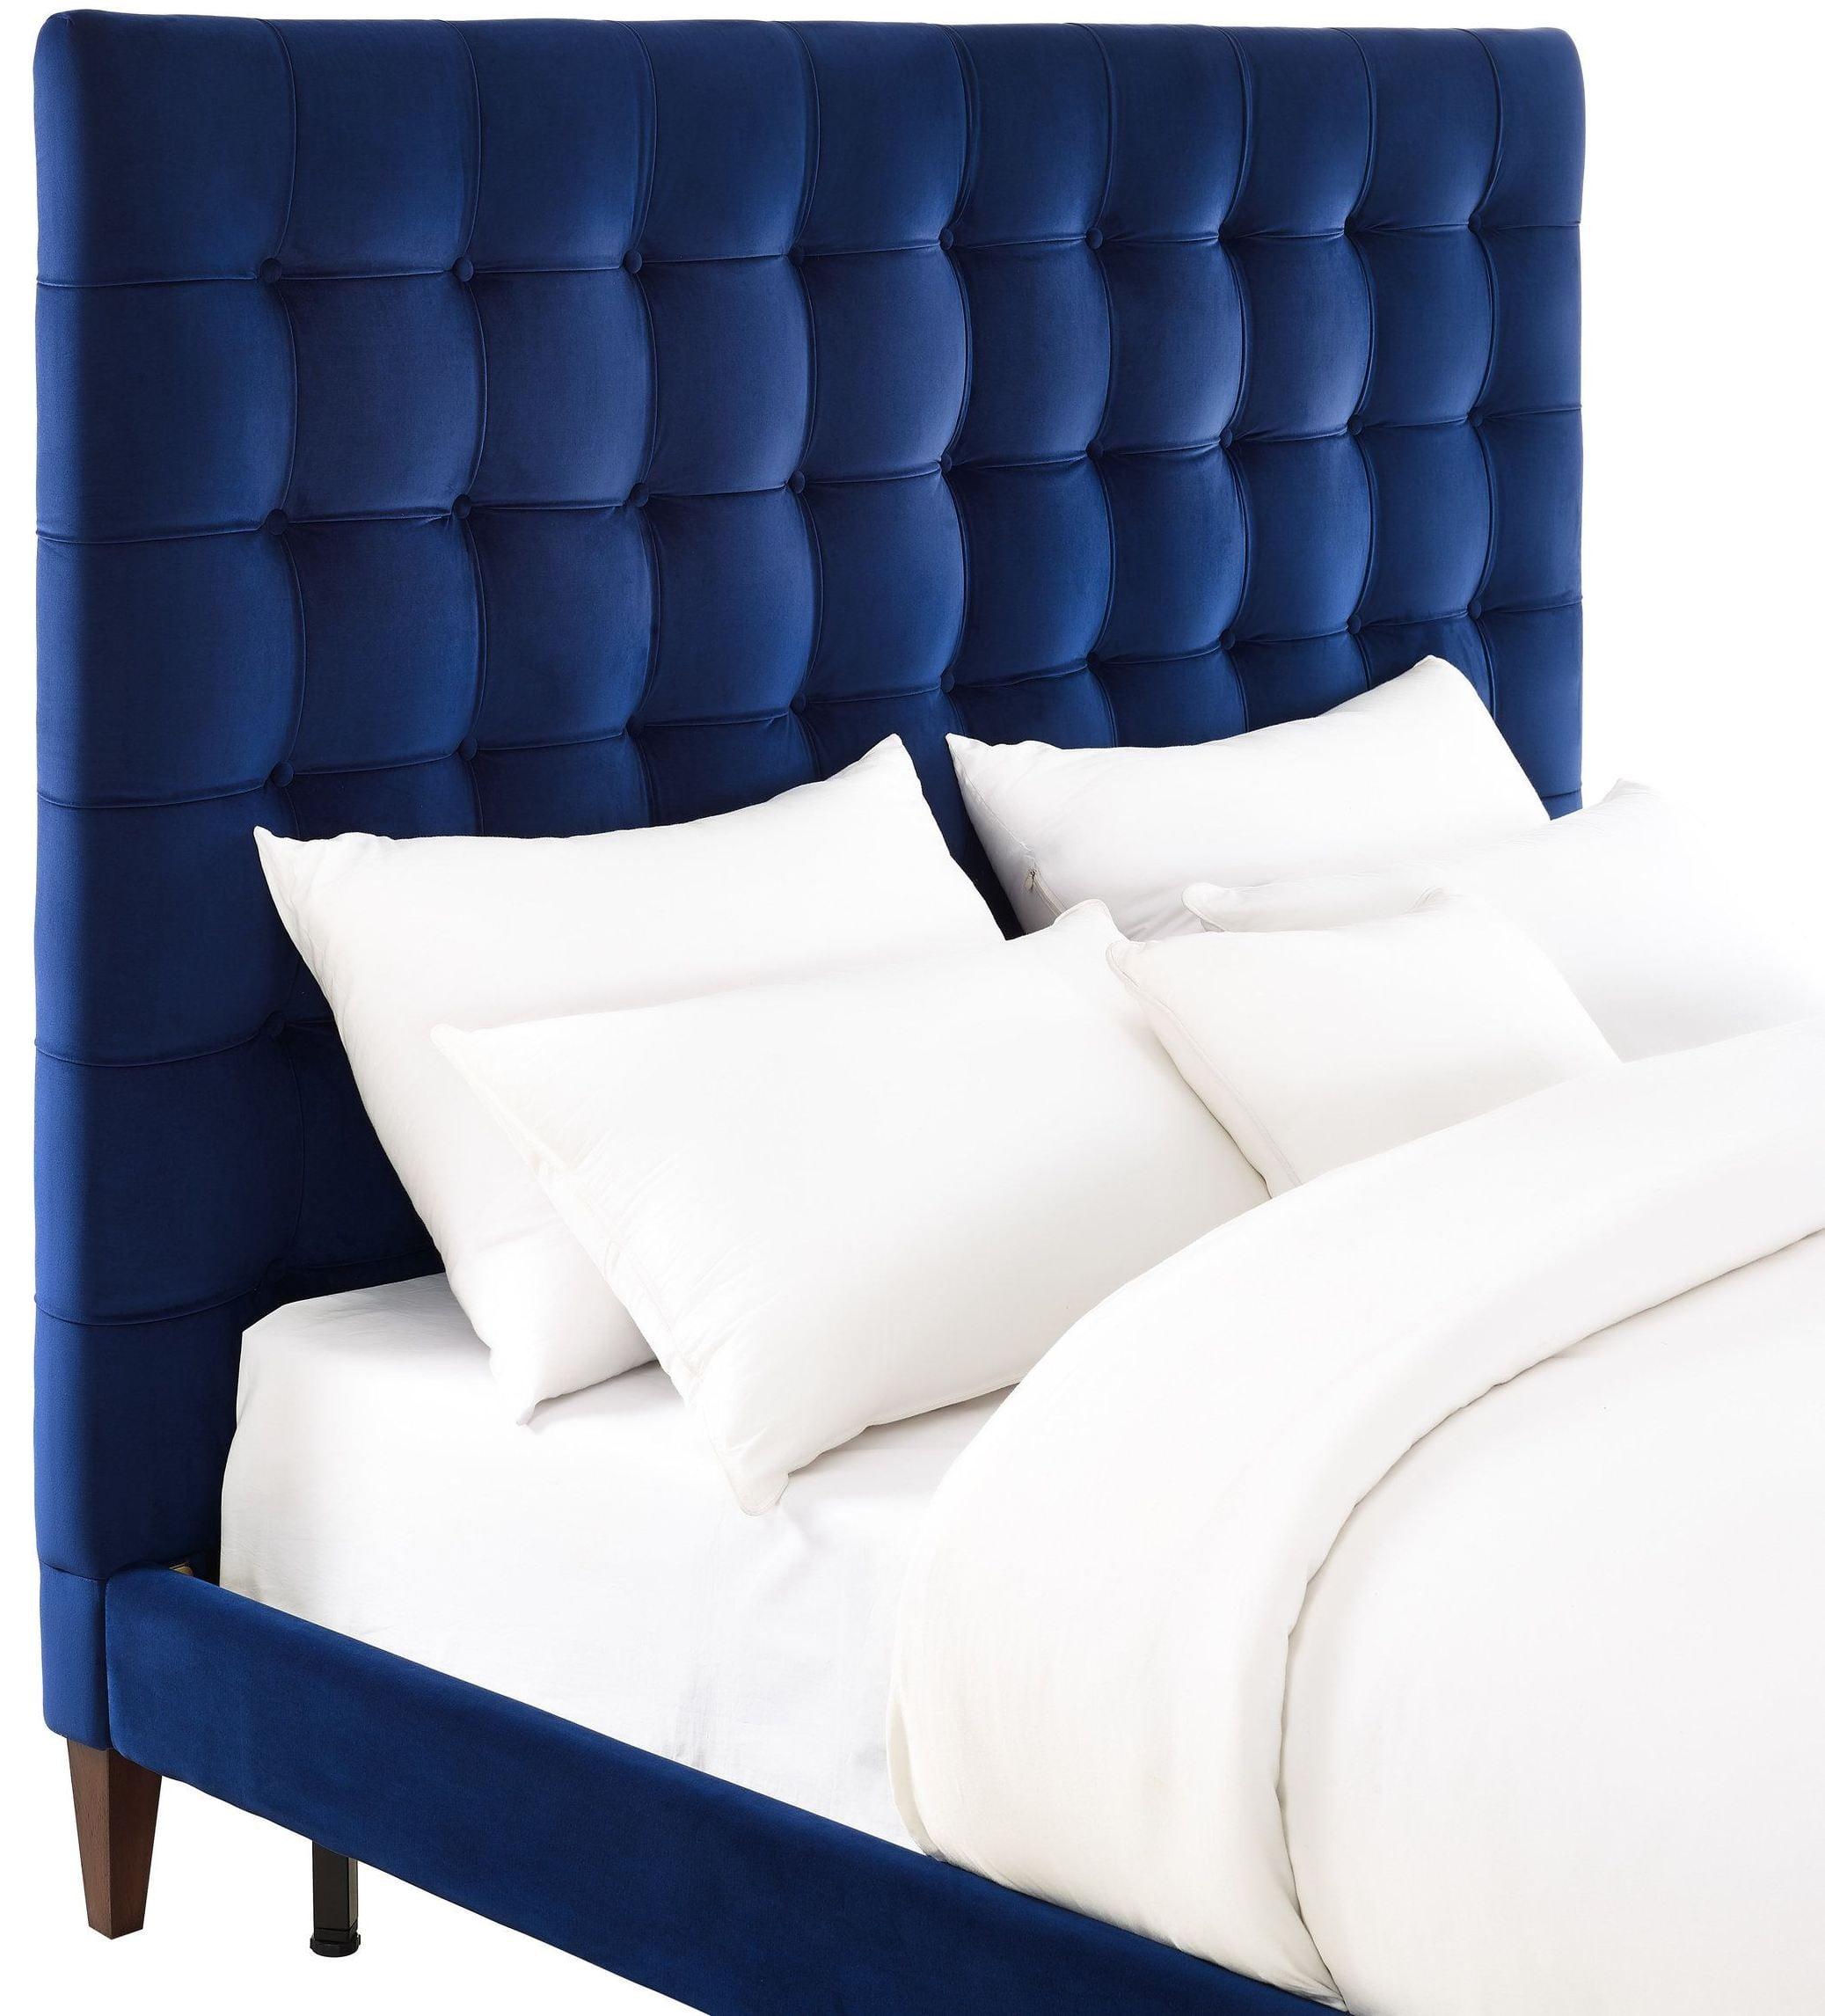 Bedroom Furniture amp Bedroom Sets For Sale  LuxeDecor